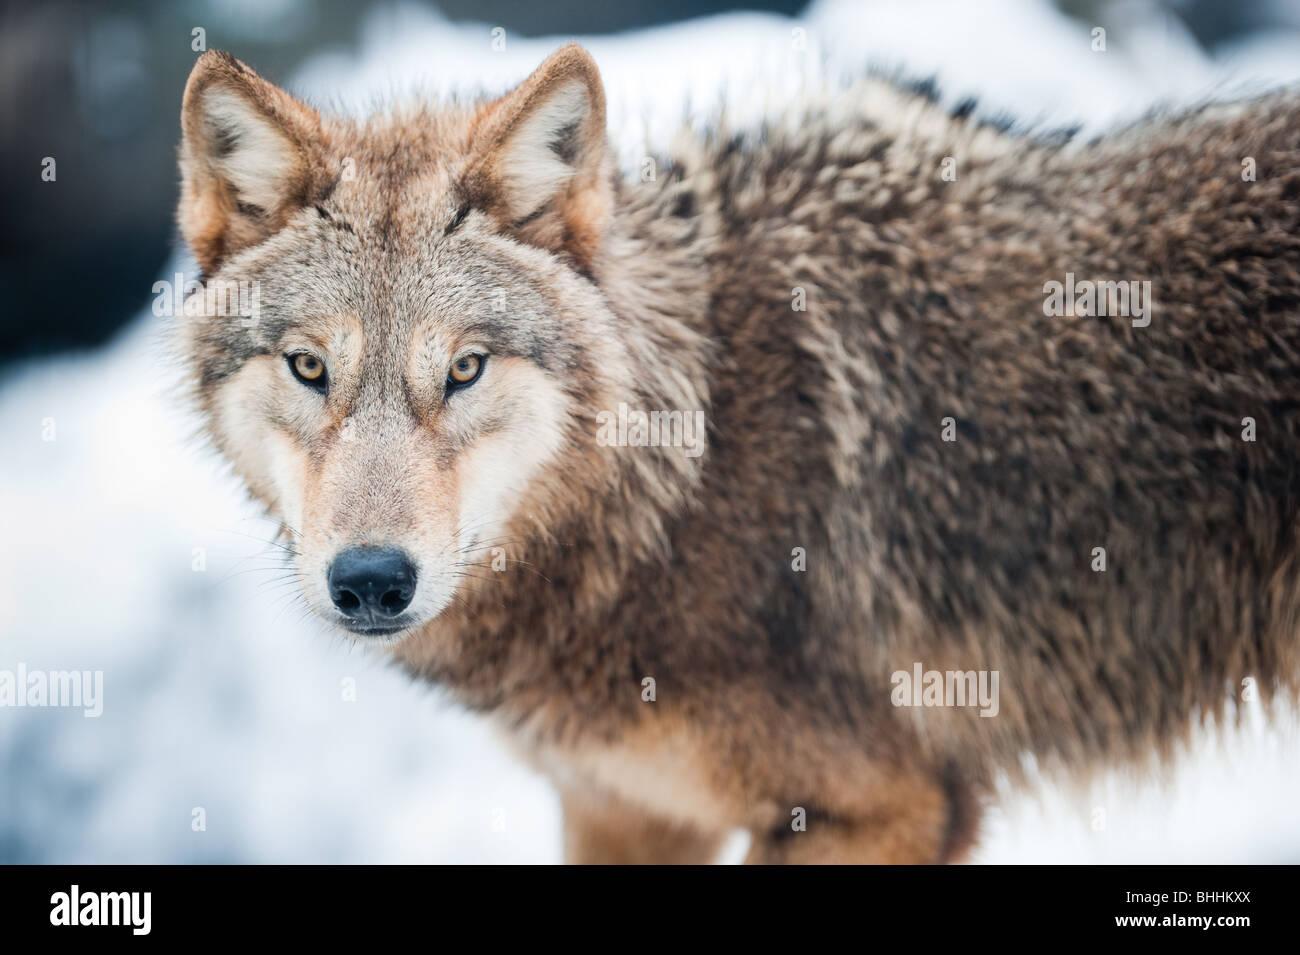 Wolf (lat. Canis lupus) debout dans la neige, l'accent est mis sur les yeux Photo Stock